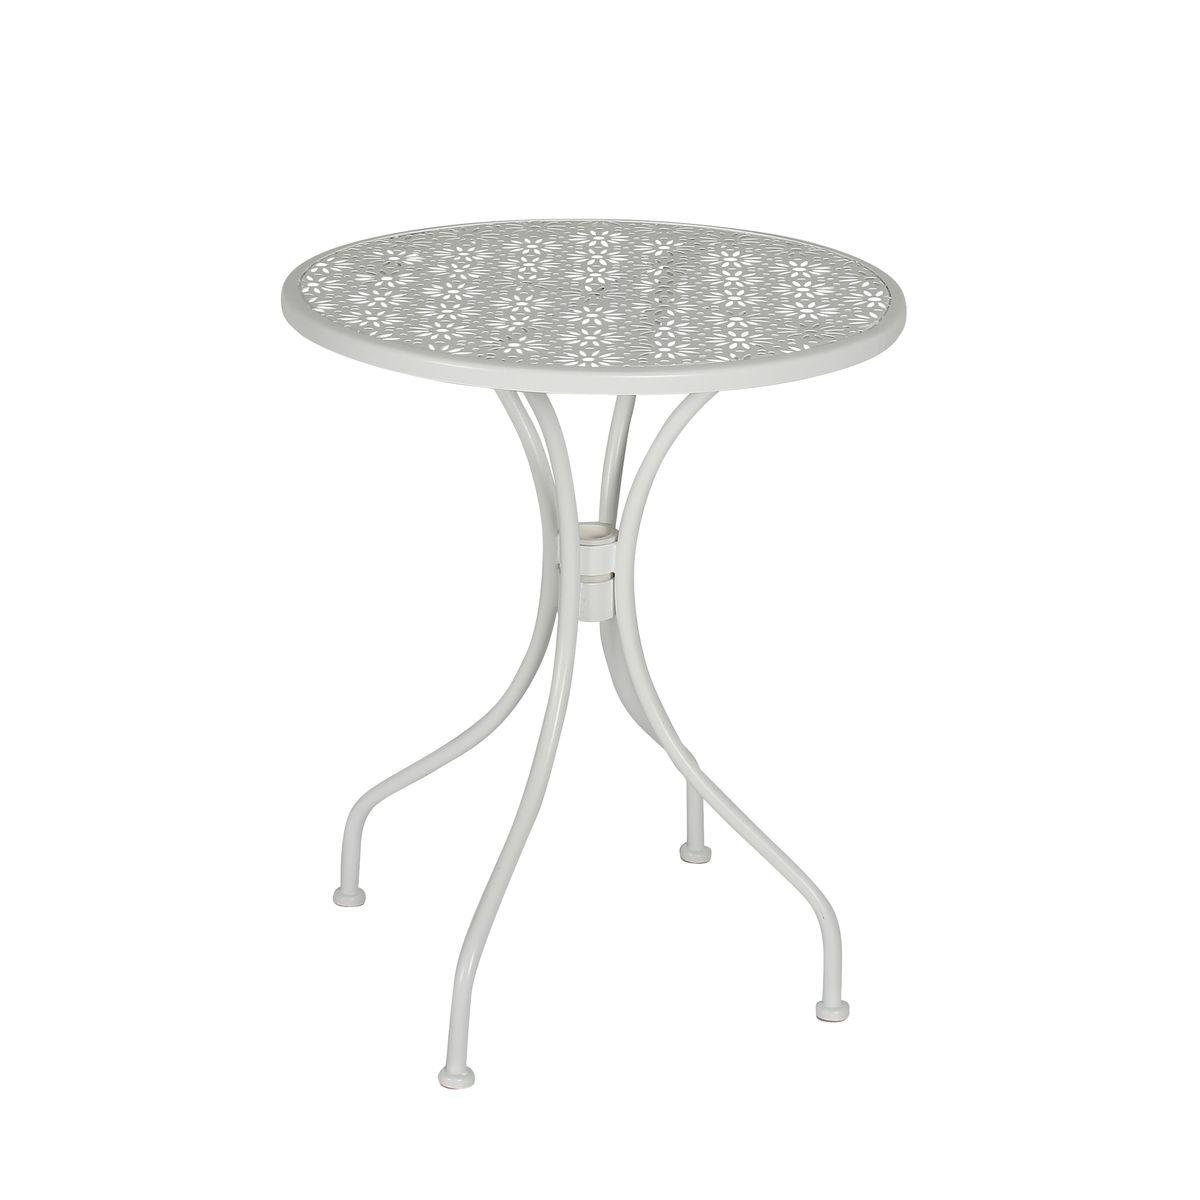 Table d'extérieur en métal blanc D60